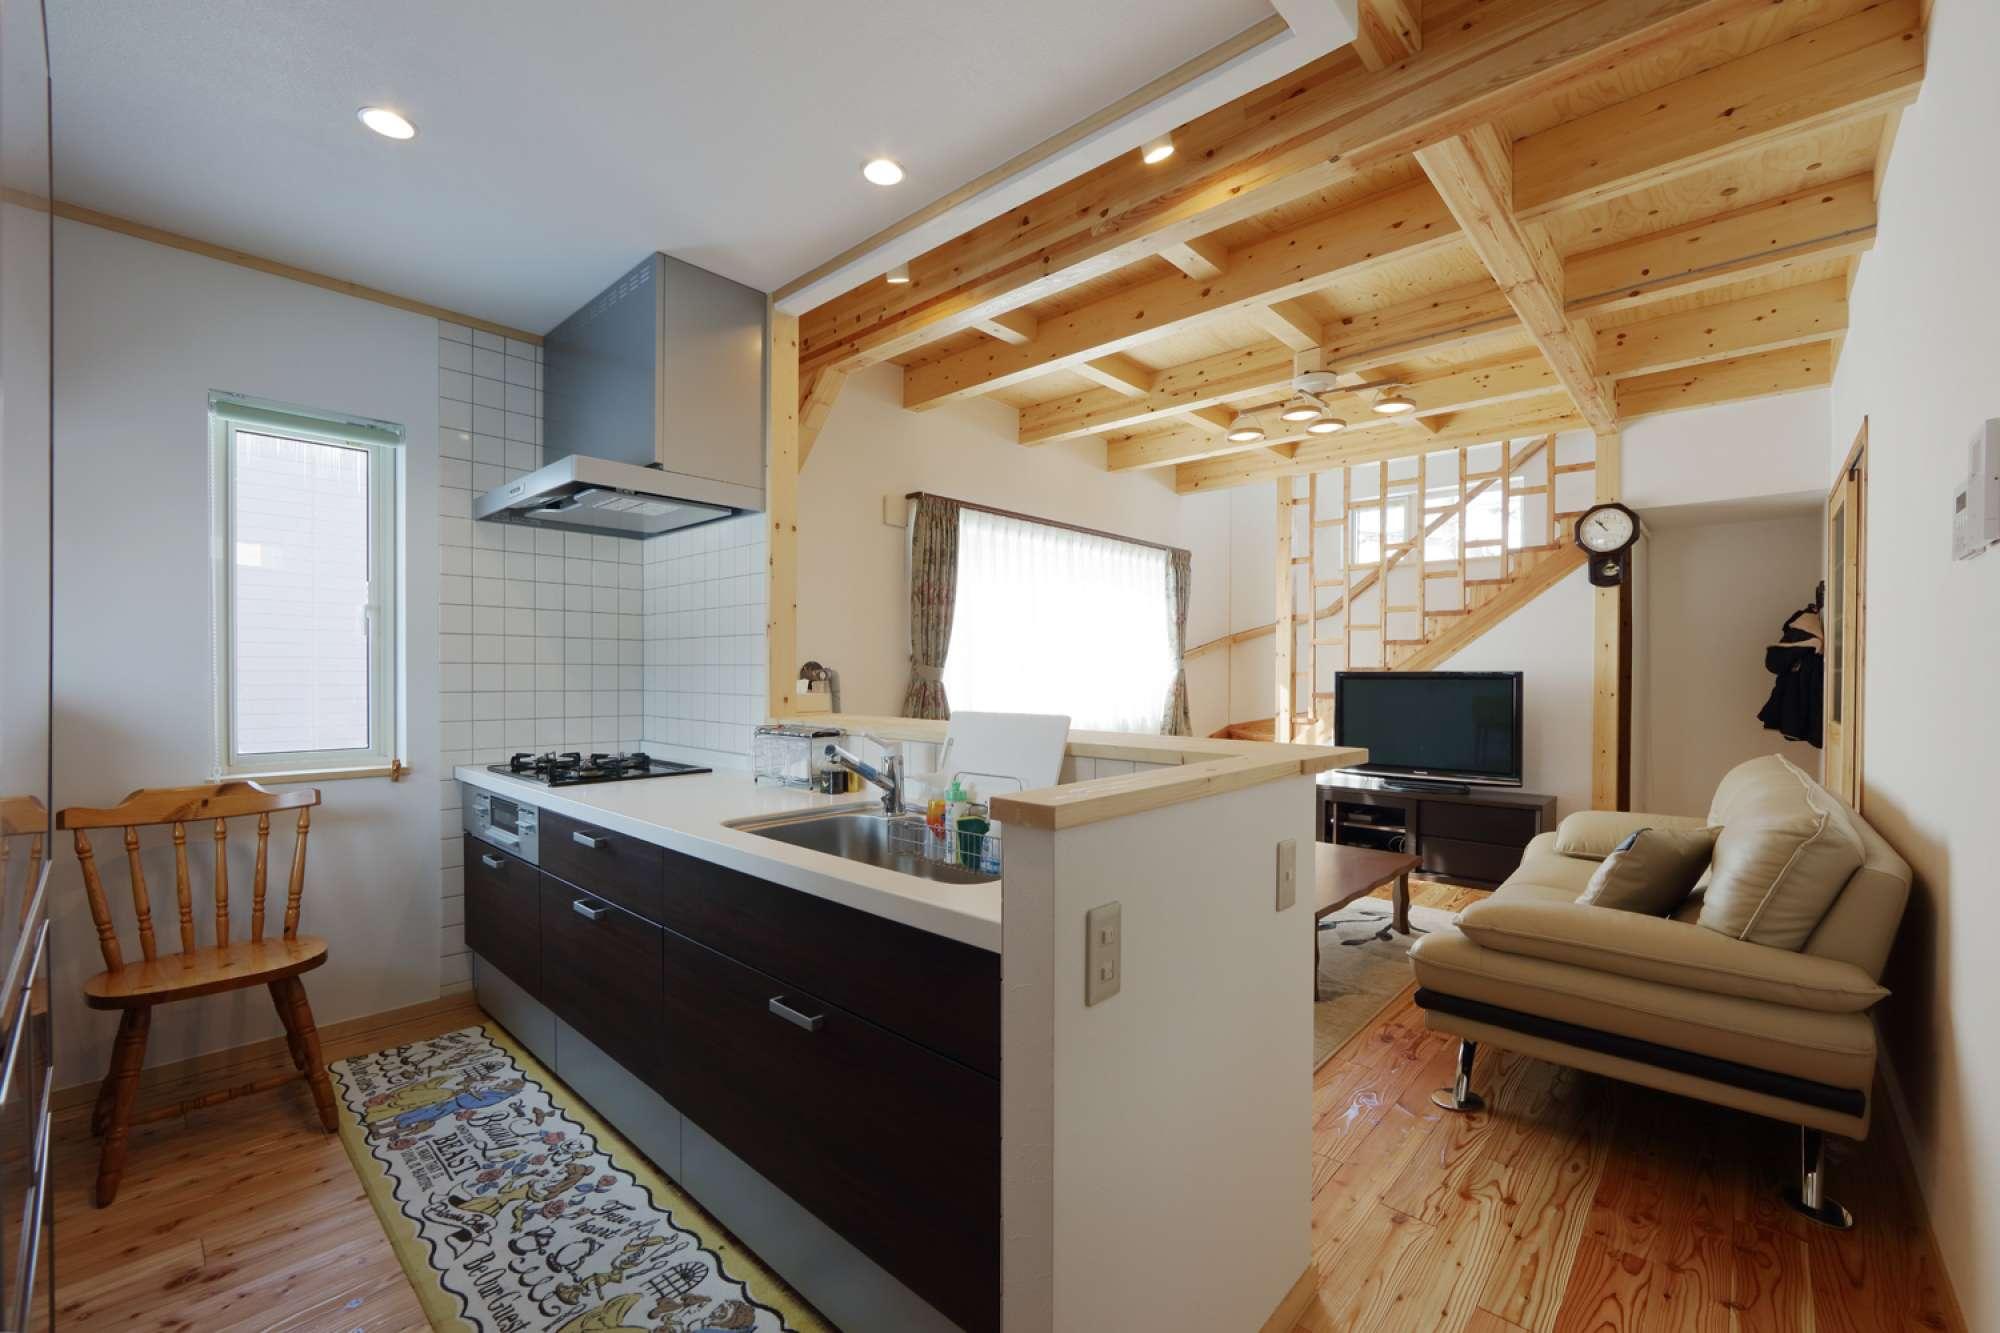 キッチンに立つと、天井に木の温もりが広がります -  -  -